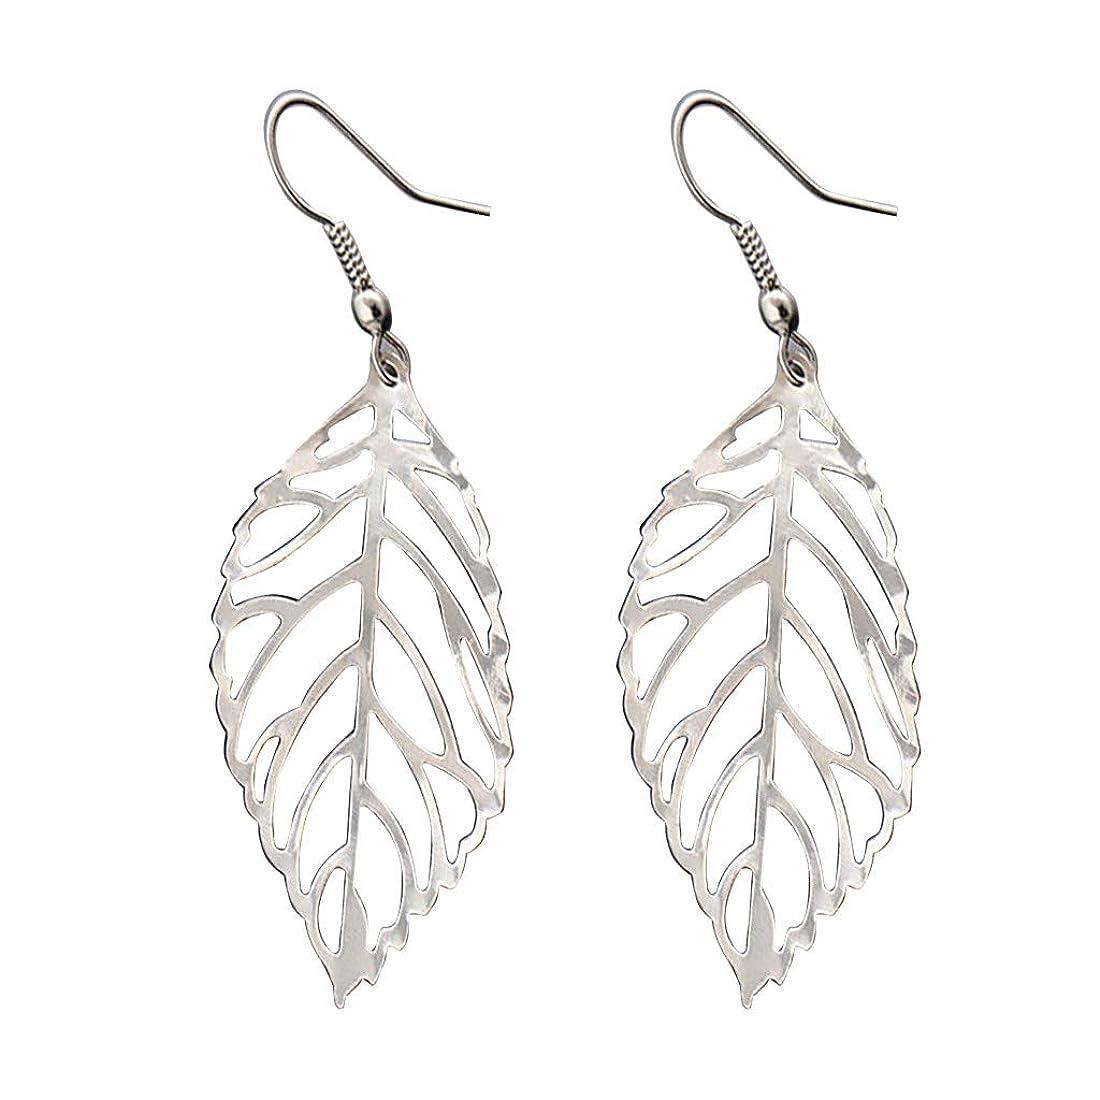 不道徳可動式廃棄するNicircle ファッションシンプルなメタルリーフイヤリングレディース気質イヤーフックジュエリー シンプルなファッション Fashion Simple Metal Leaf Earrings Ladies Temperament Ear Hook Jewelry